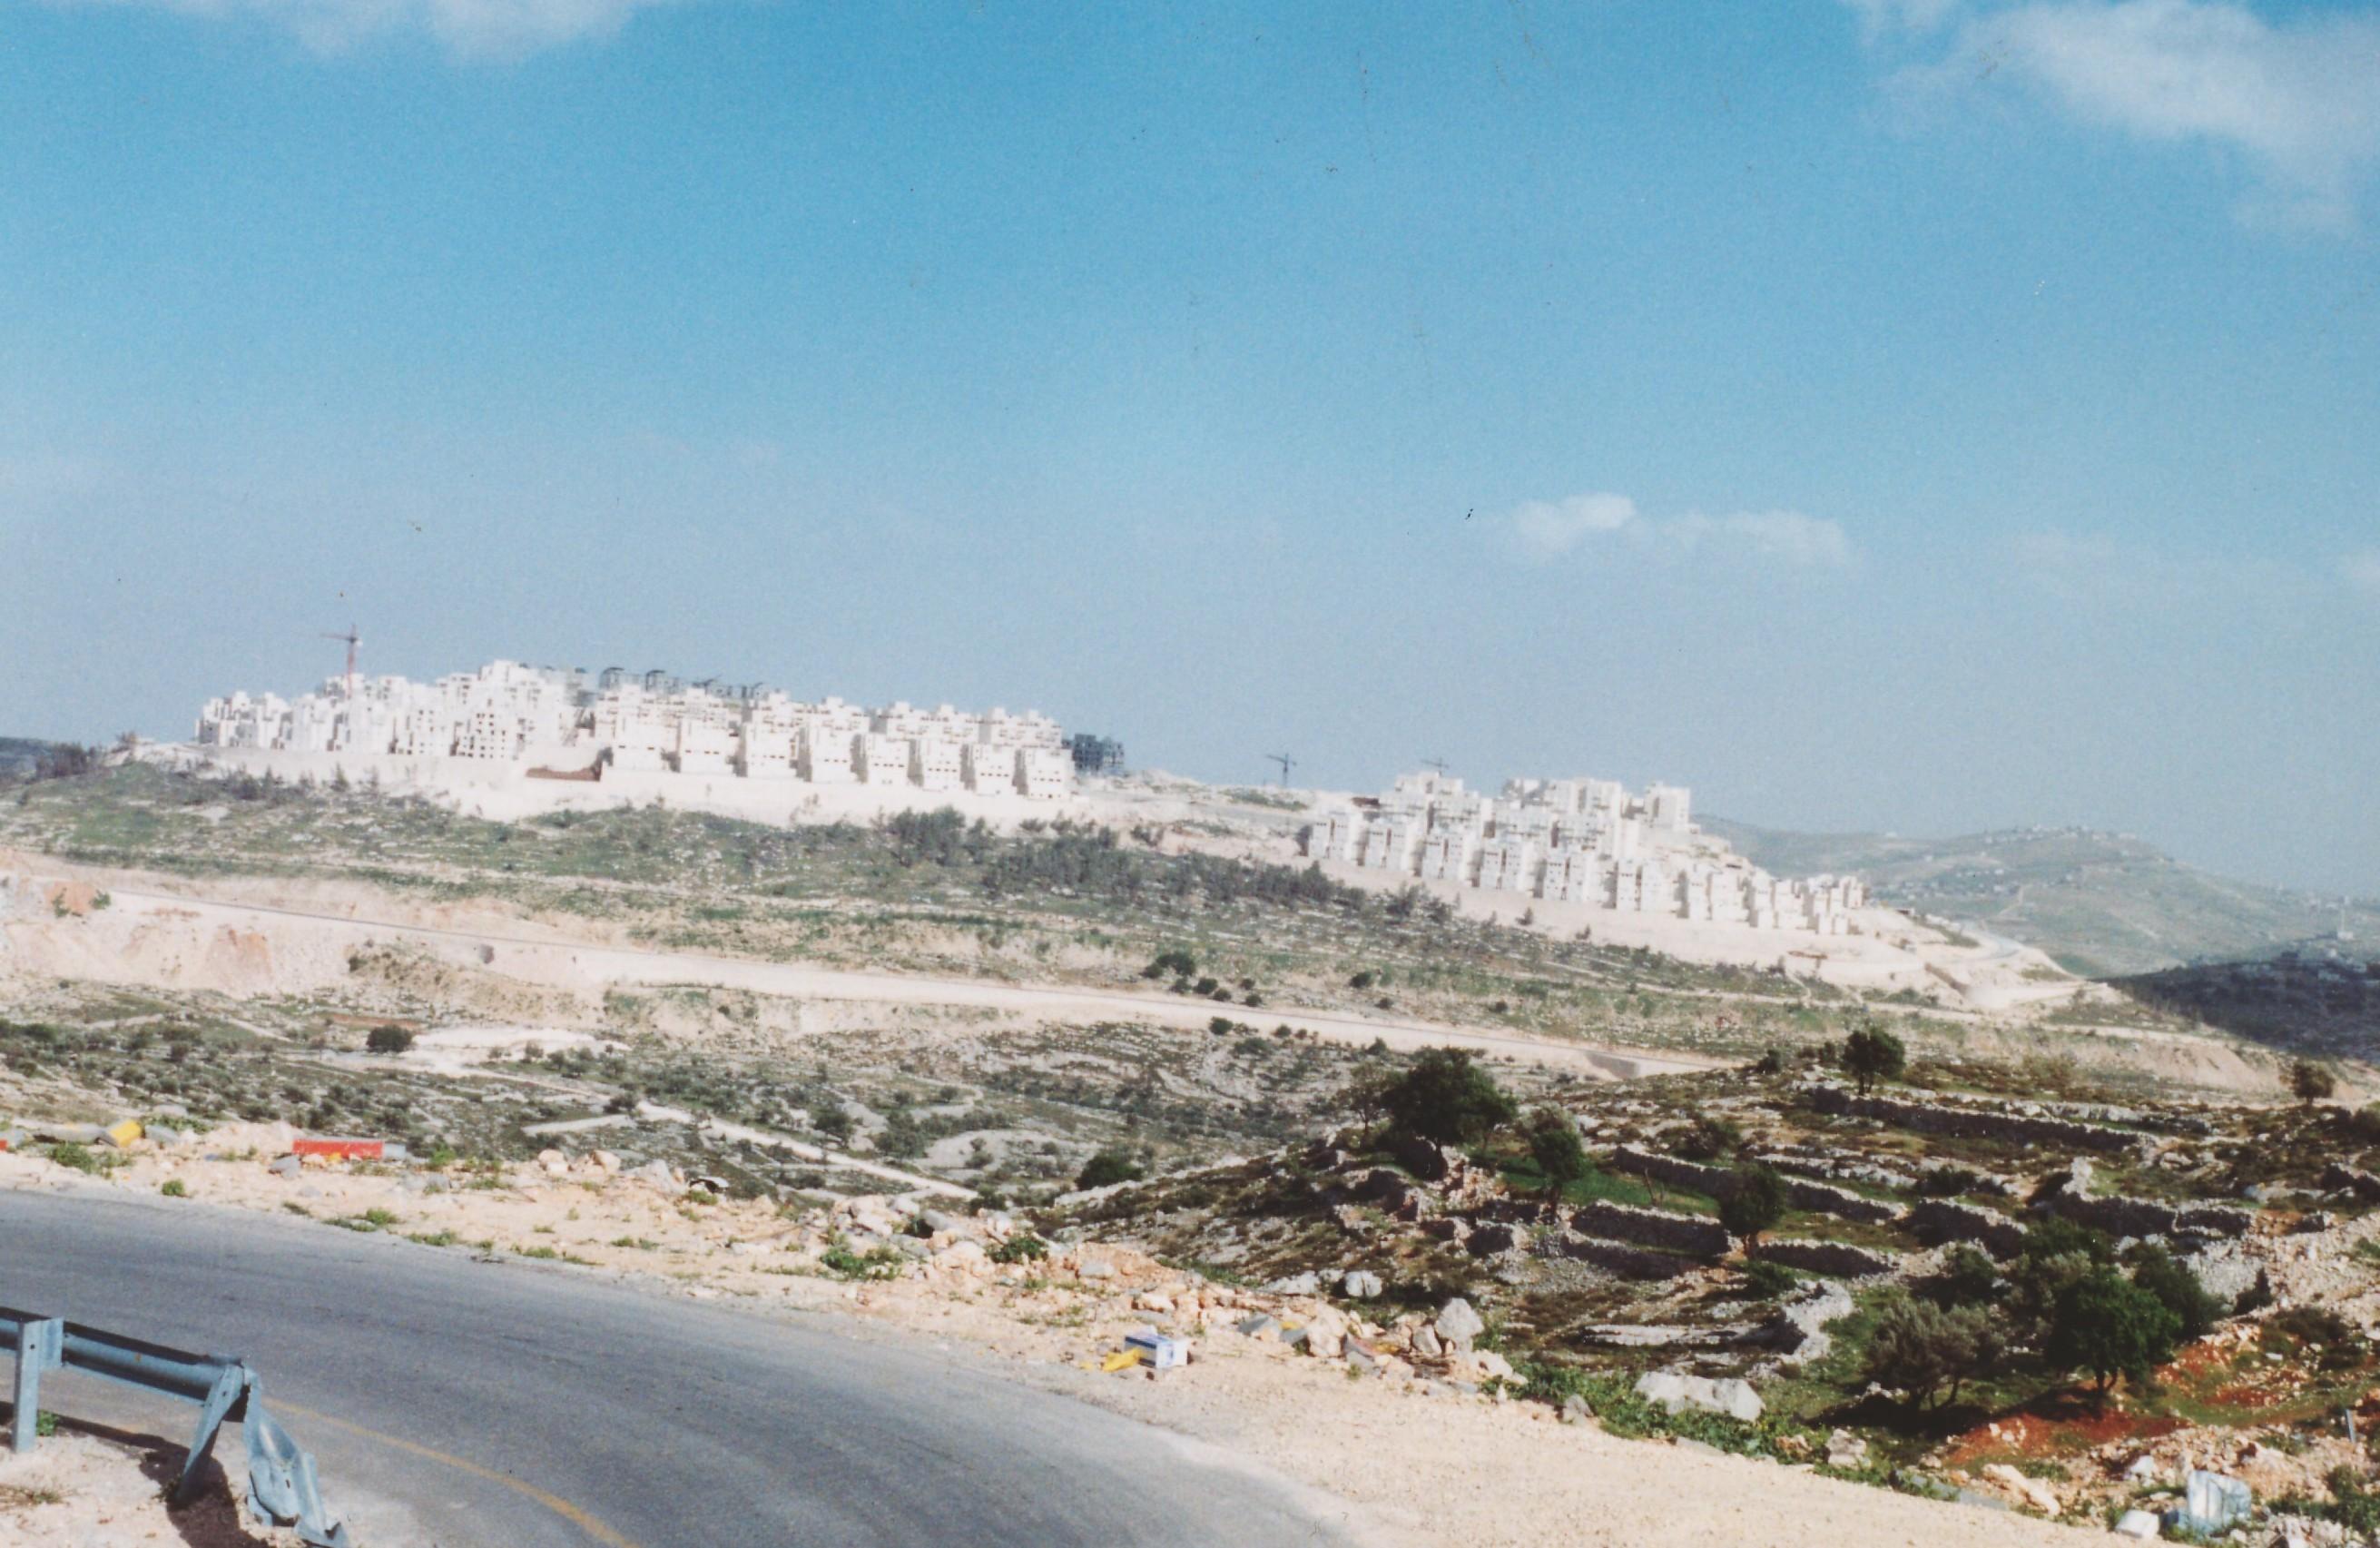 Foto di Valentina Perniciaro _Insediamento israeliano in West Bank_